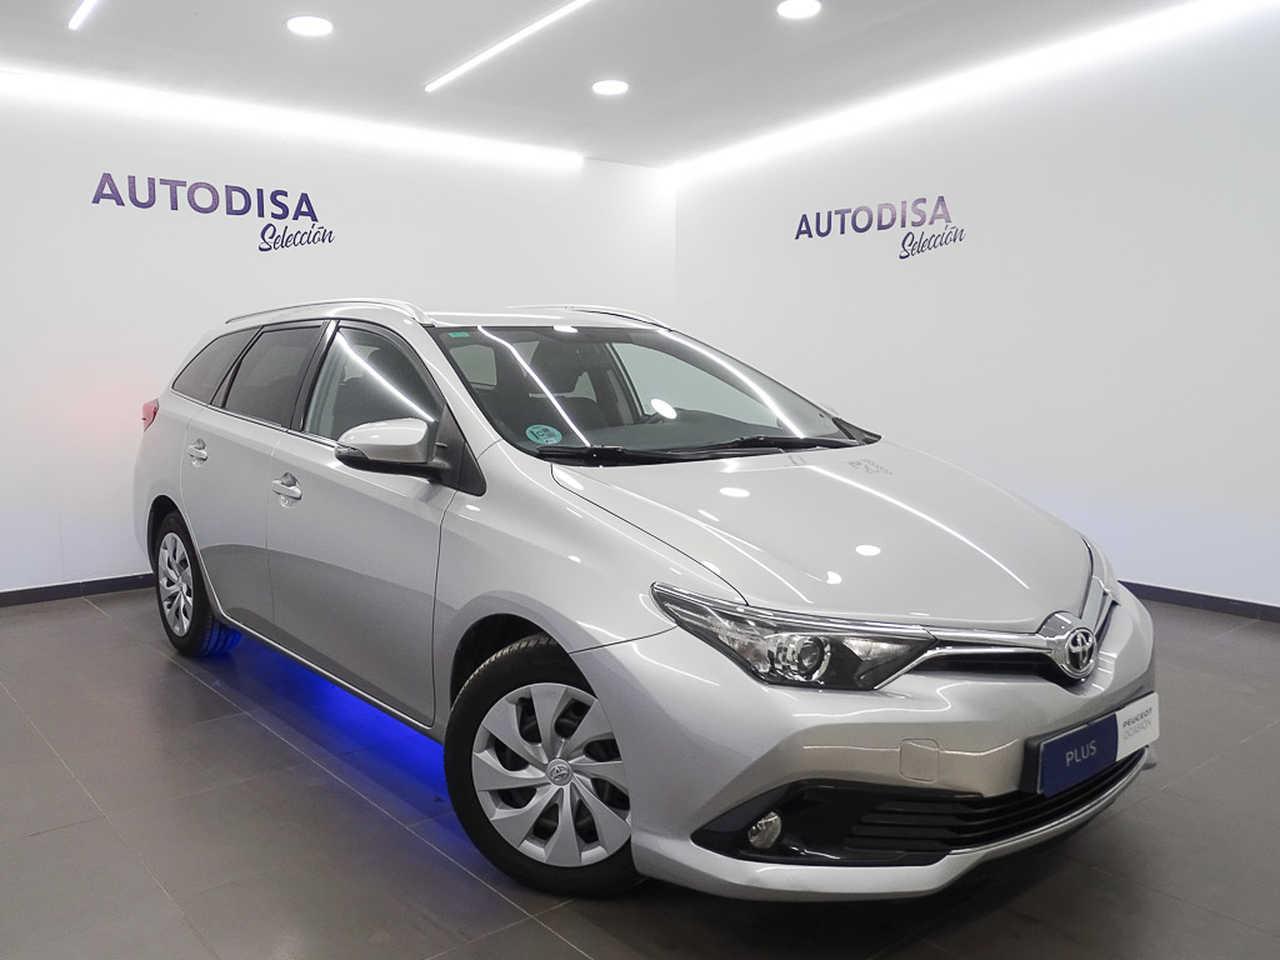 Toyota Auris ocasión segunda mano 2016 Diésel por 10.495€ en Valencia